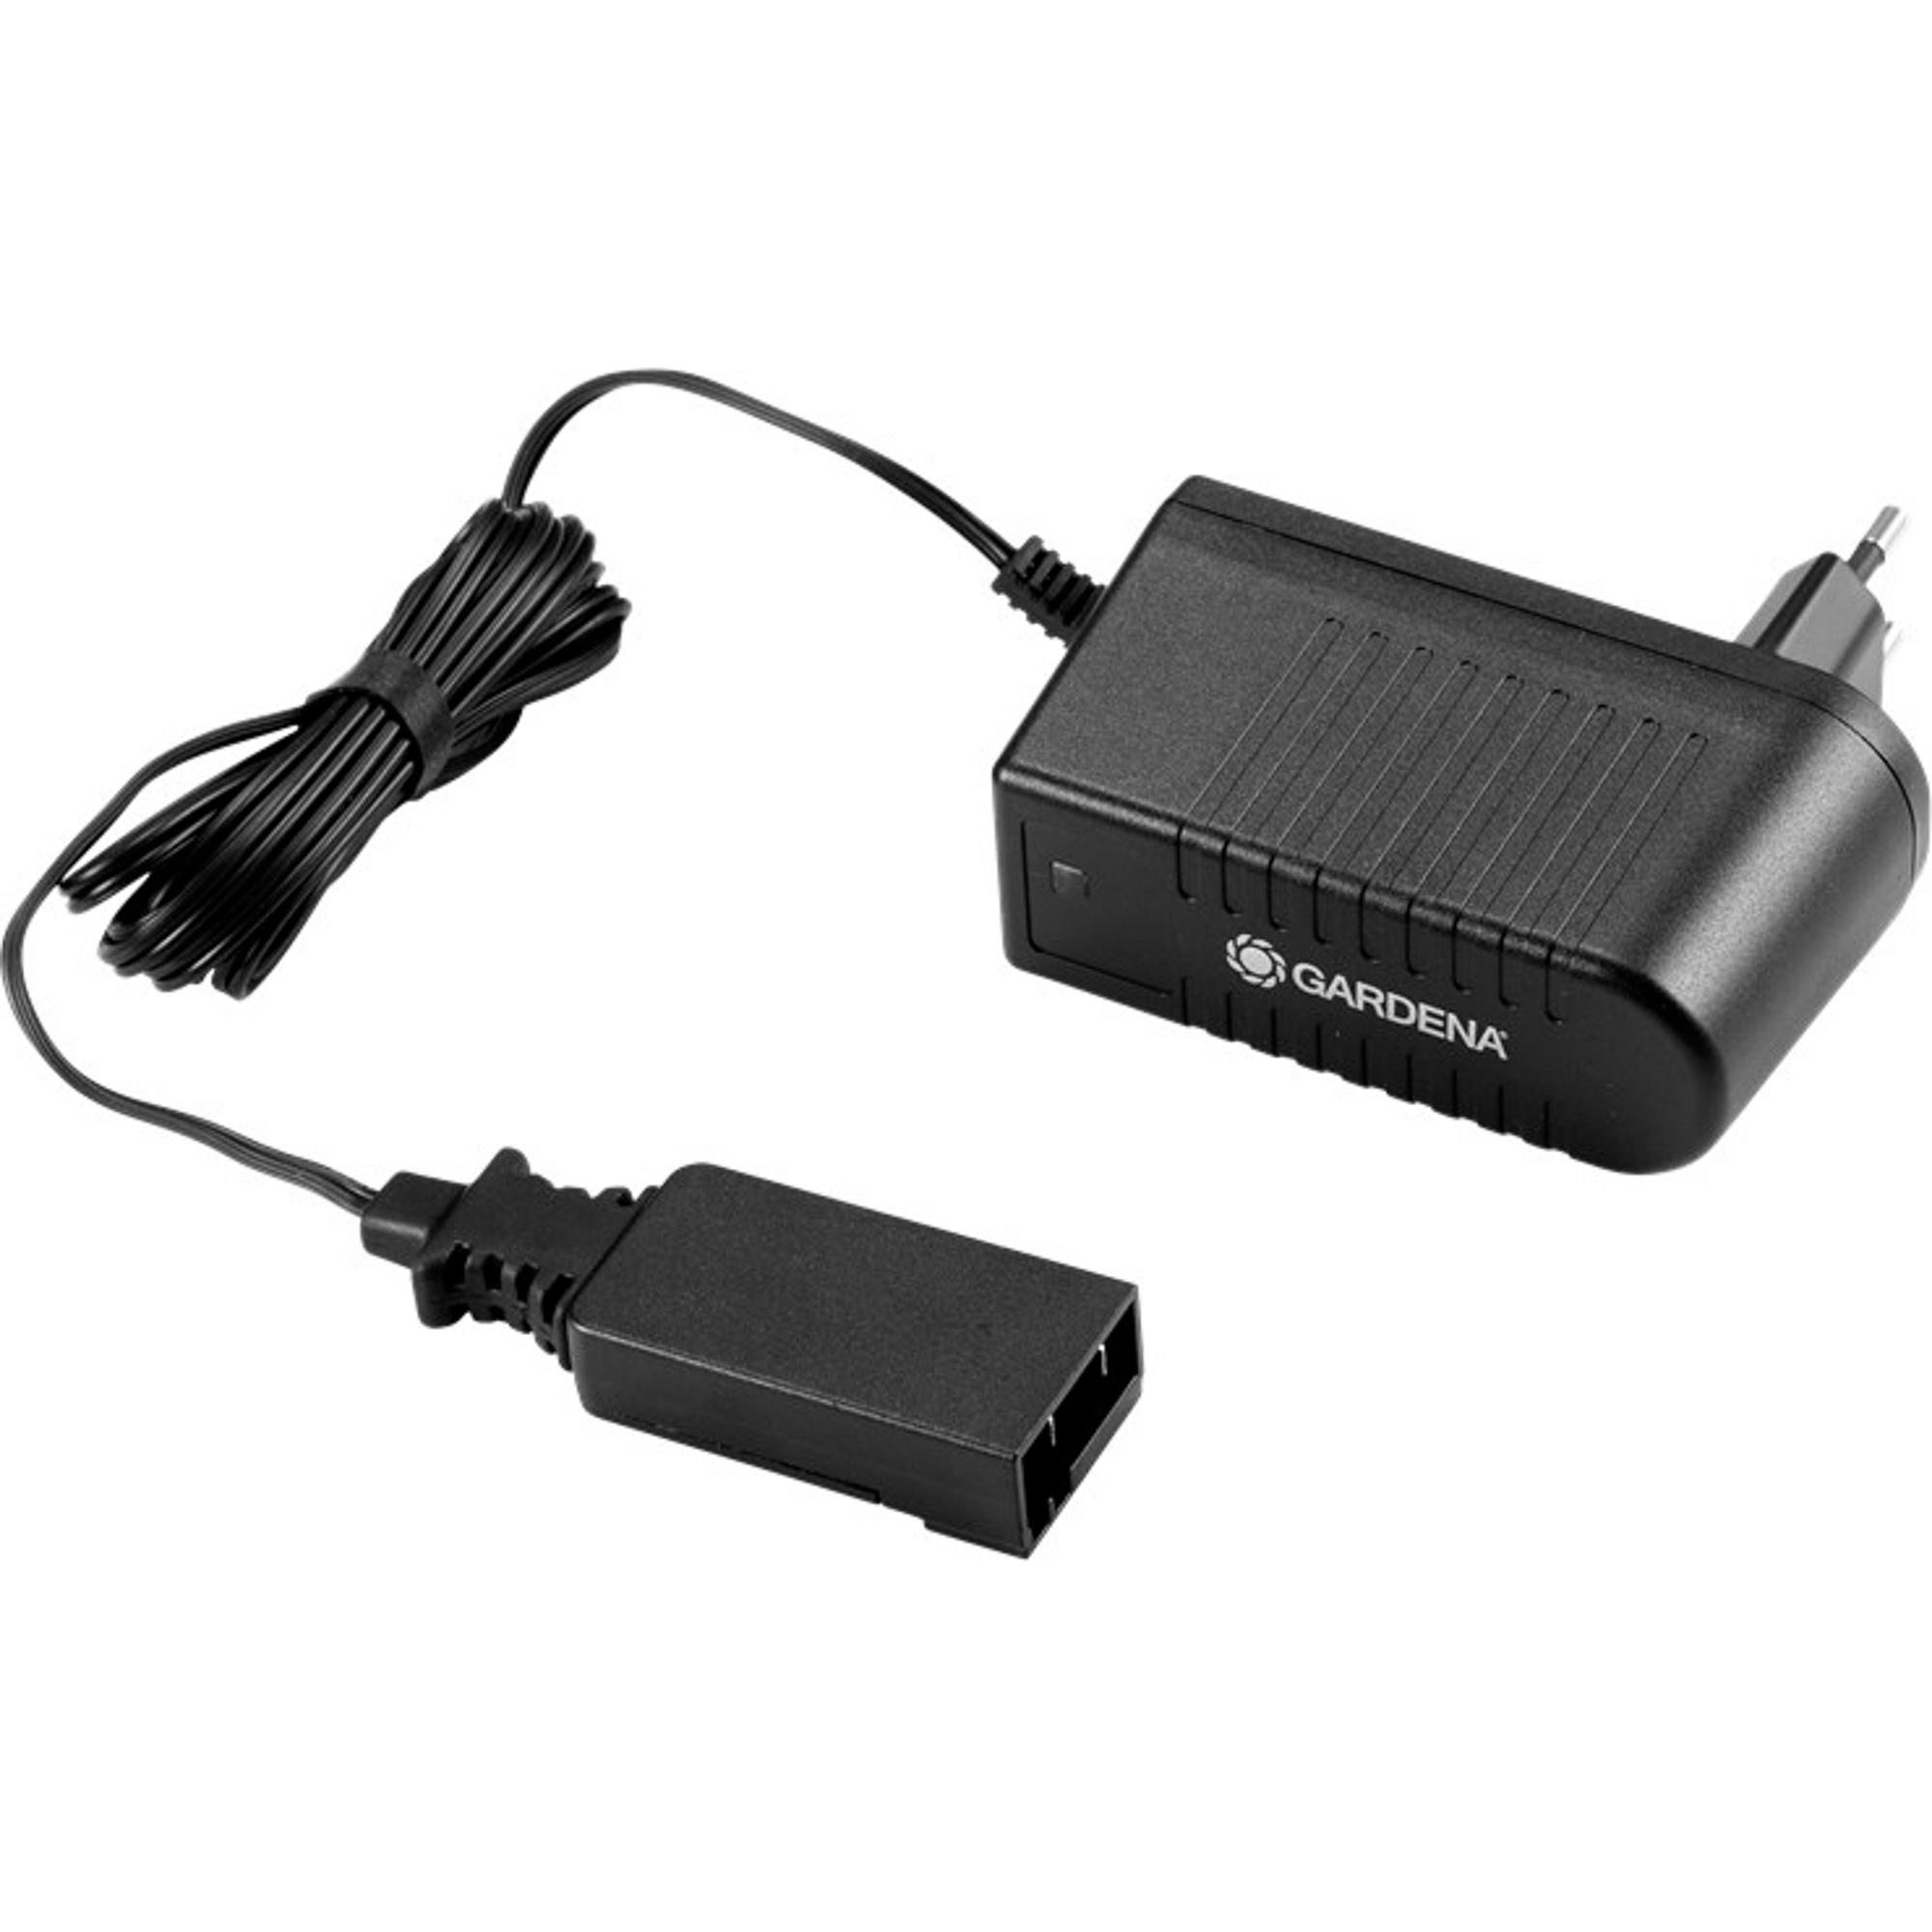 Купить Зарядное устройство Gardena BLI-18, зарядное устройство, Китай